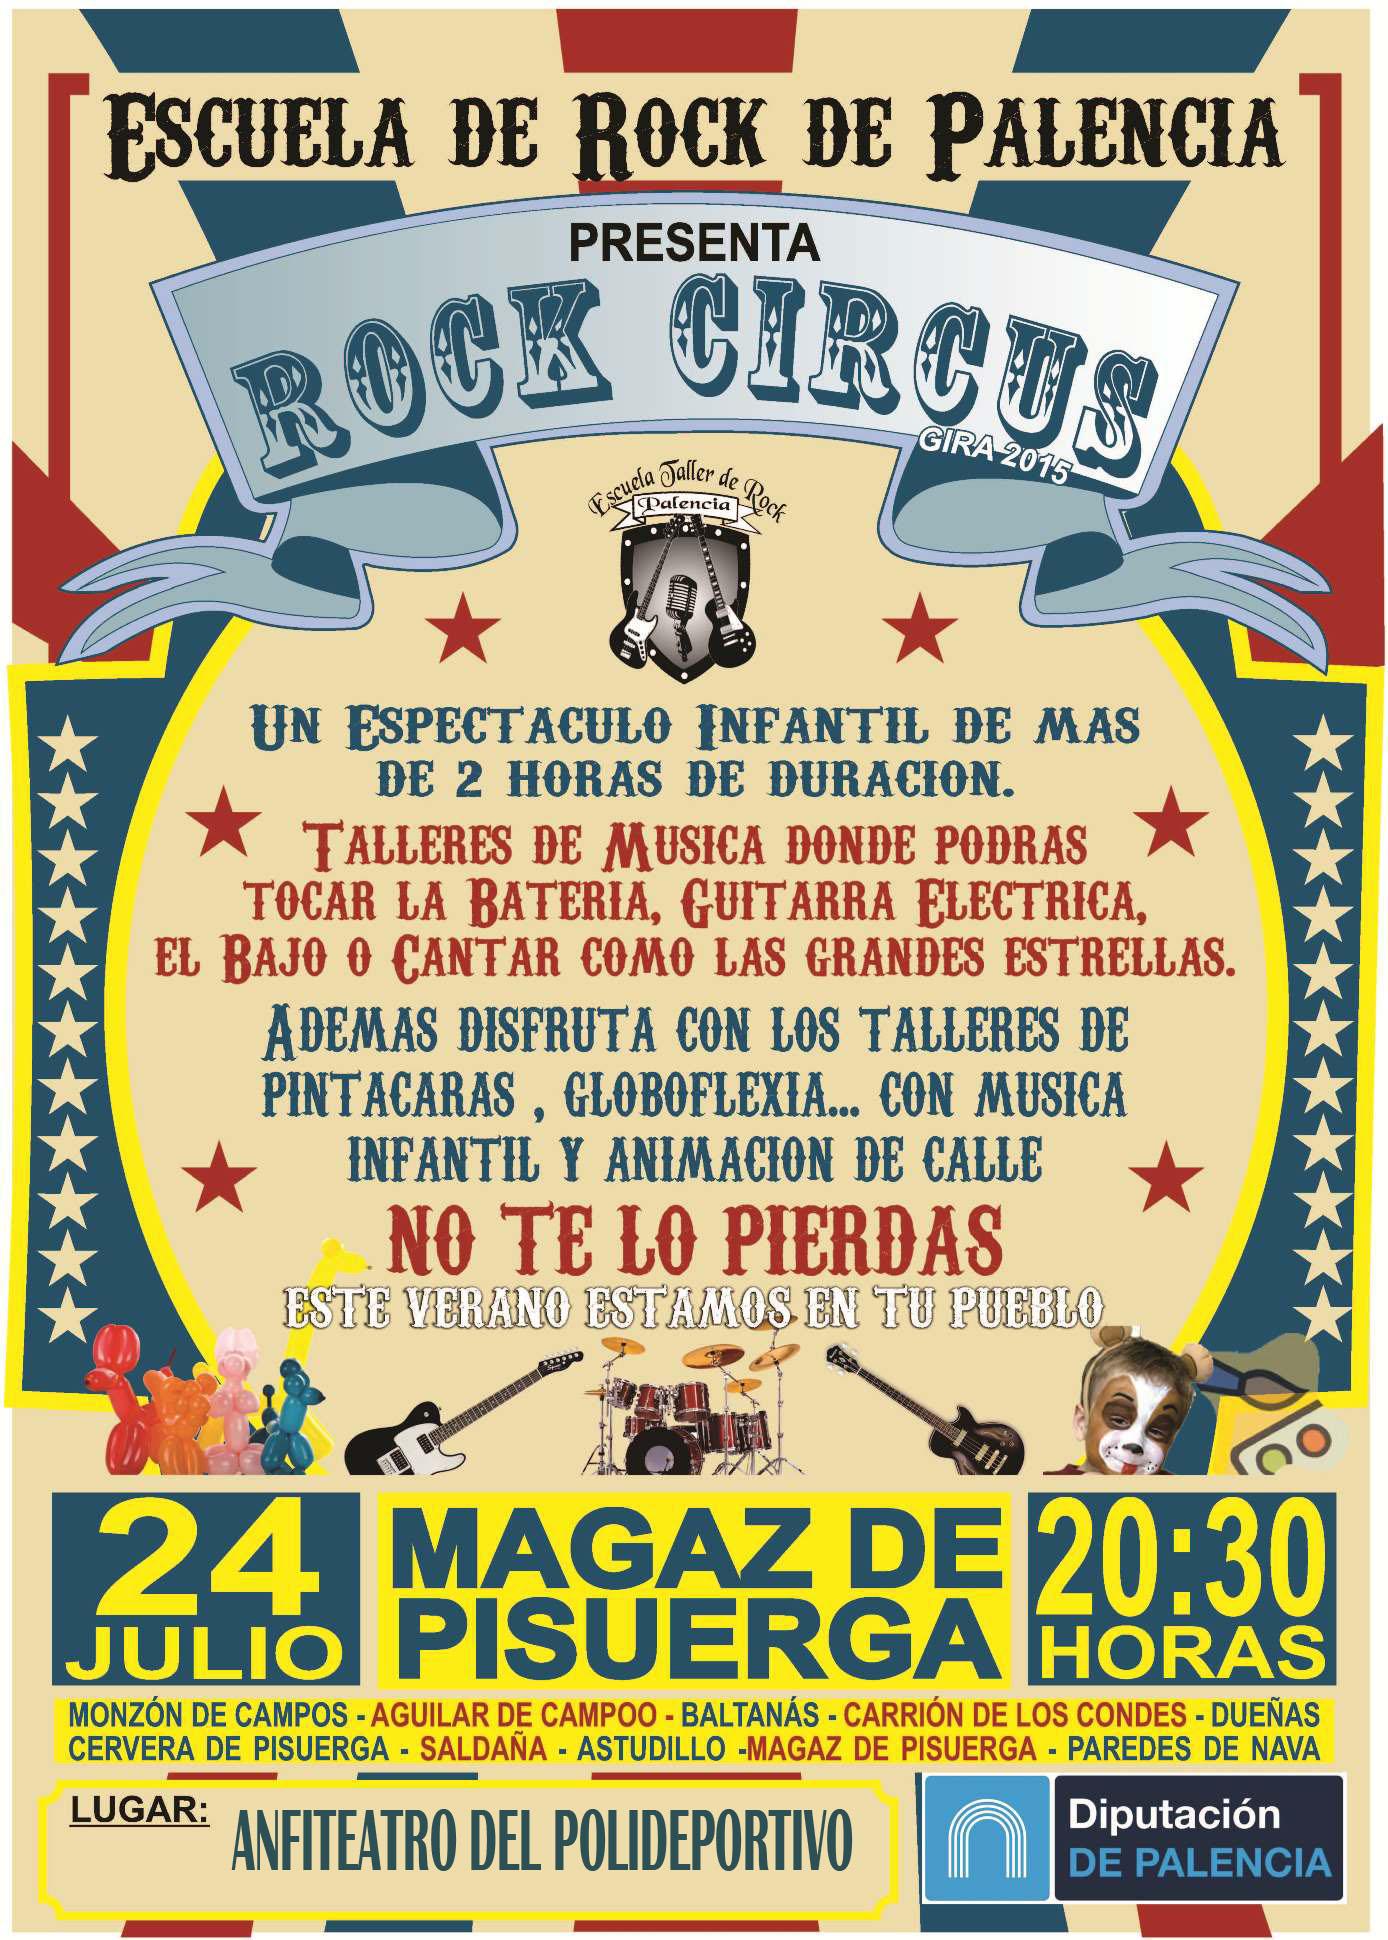 Escuela de rock en Magaz de Pisuerga